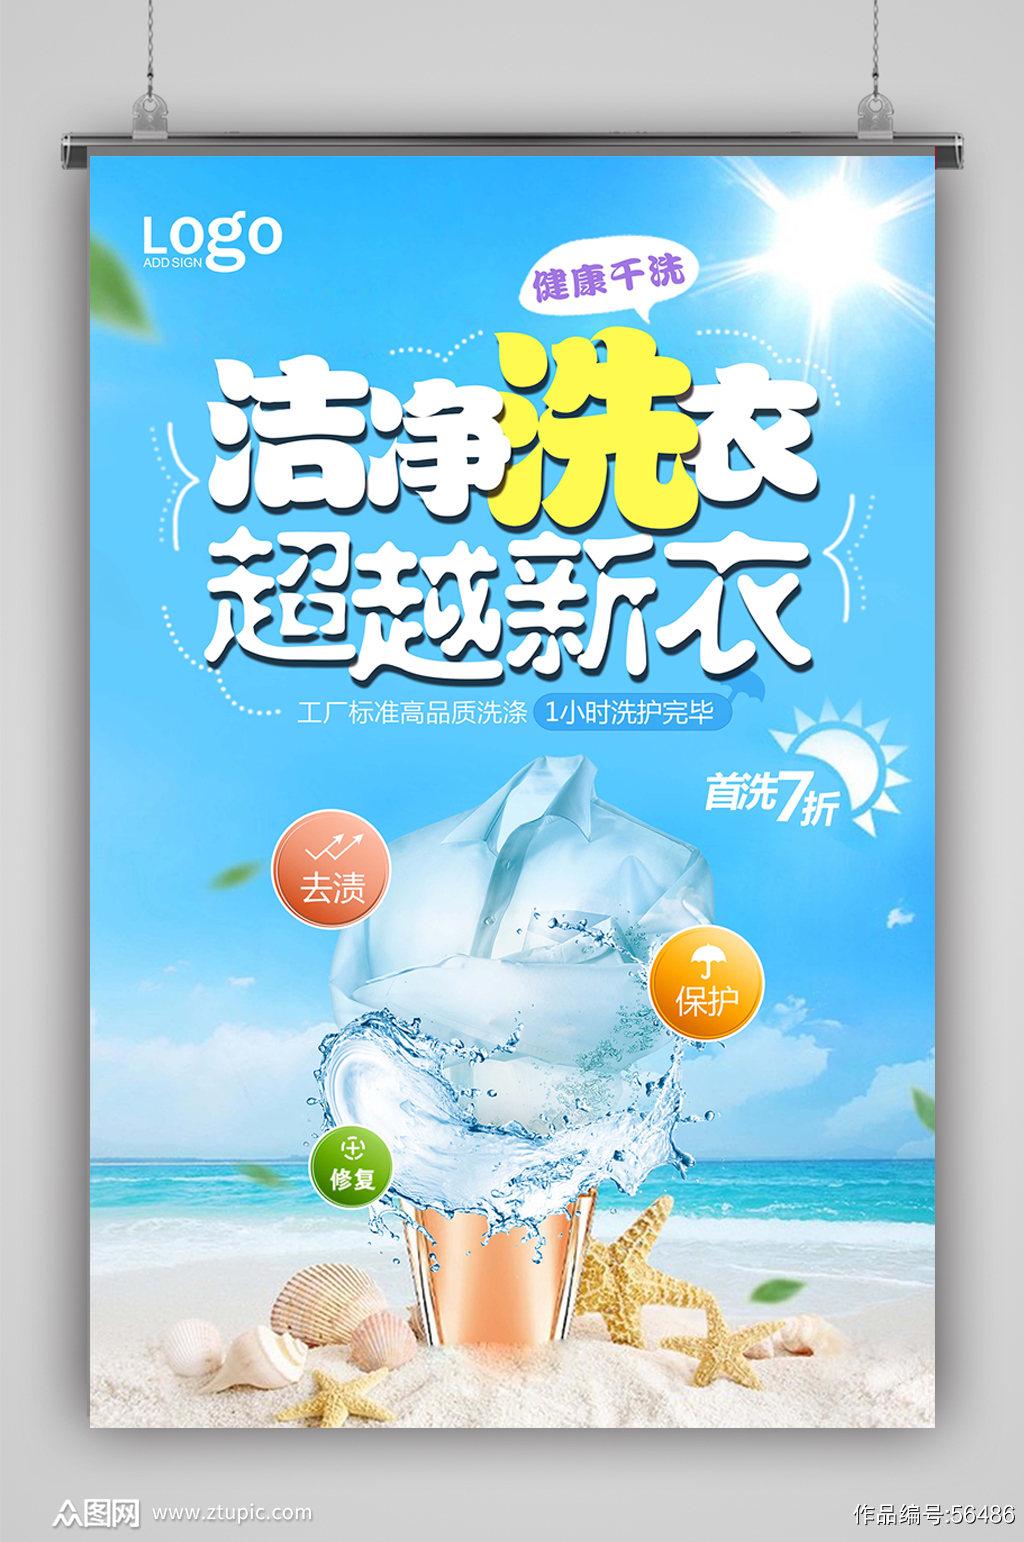 清新洗衣机宣传海报素材